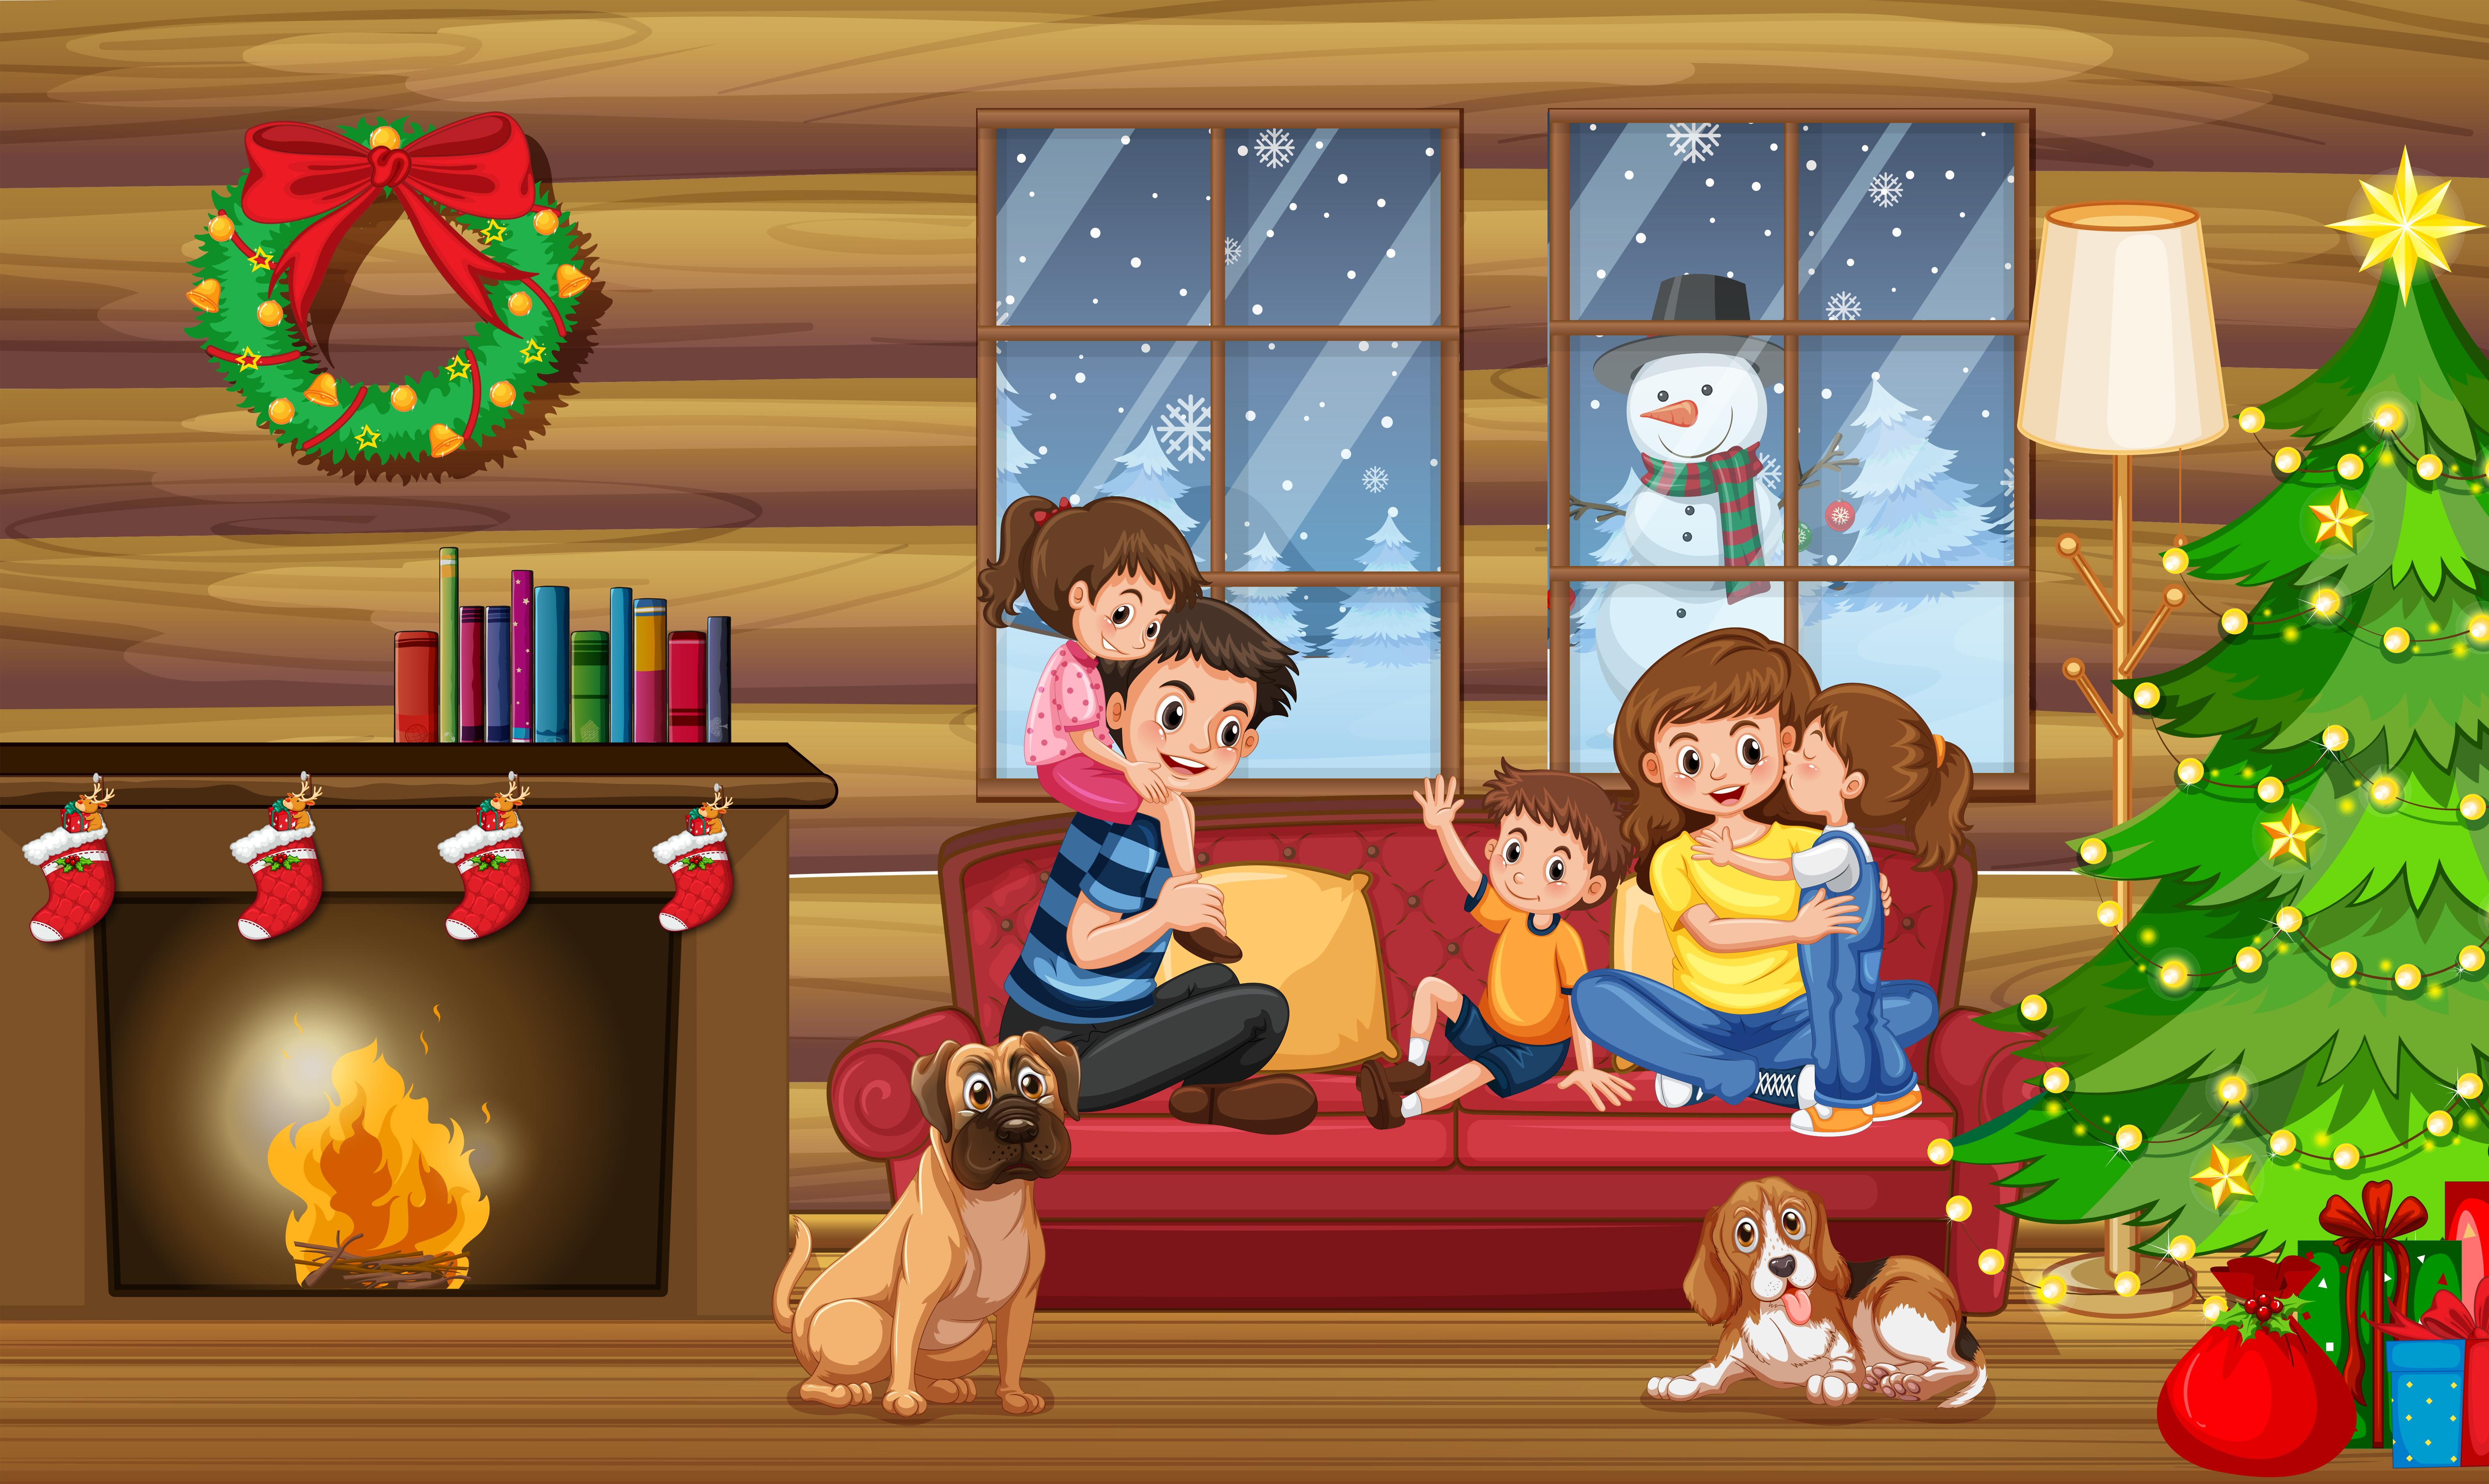 Une Famille Heureuse A La Maison A Noel Telecharger Vectoriel Gratuit Clipart Graphique Vecteur Dessins Et Pictogramme Gratuit